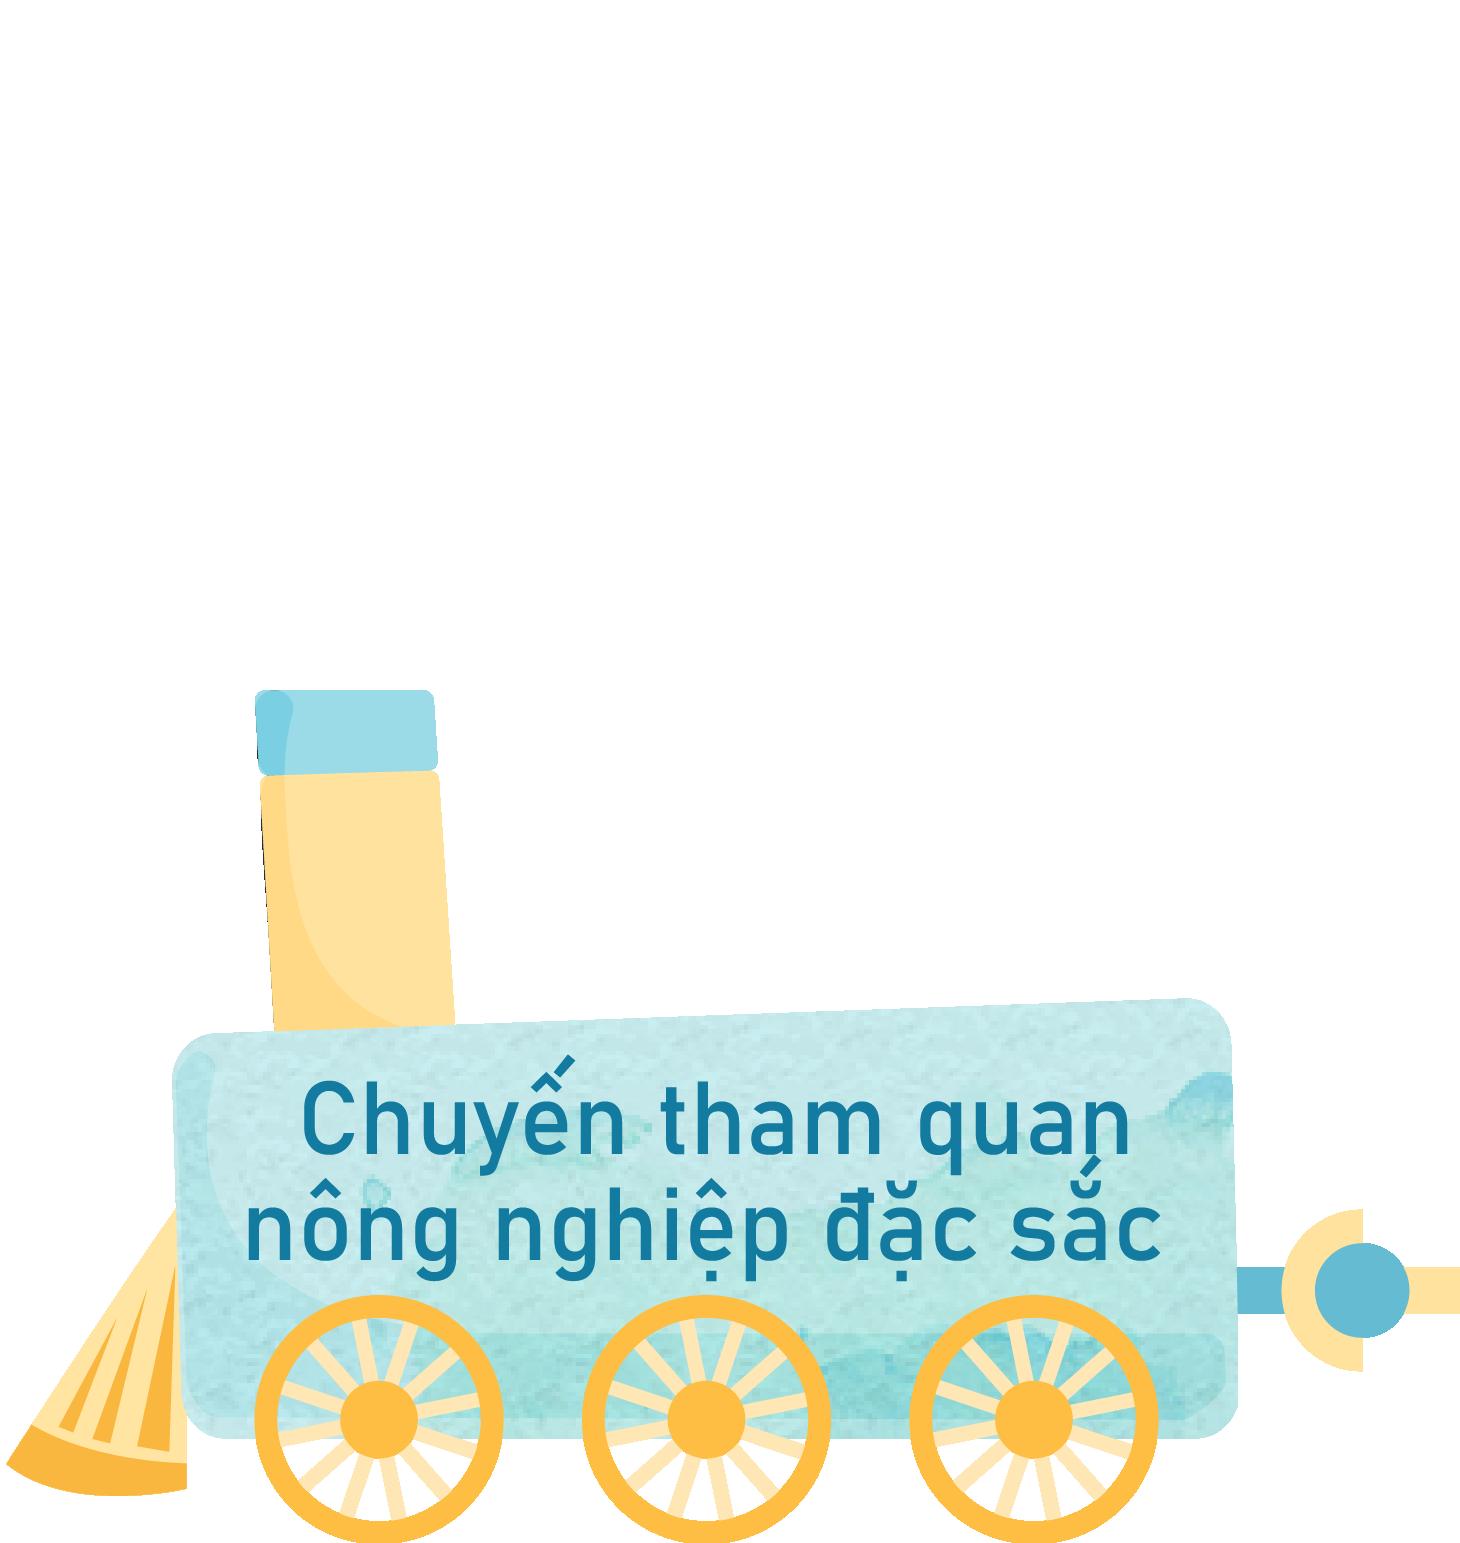 台灣休閒農場-首頁火車(越南文)-01